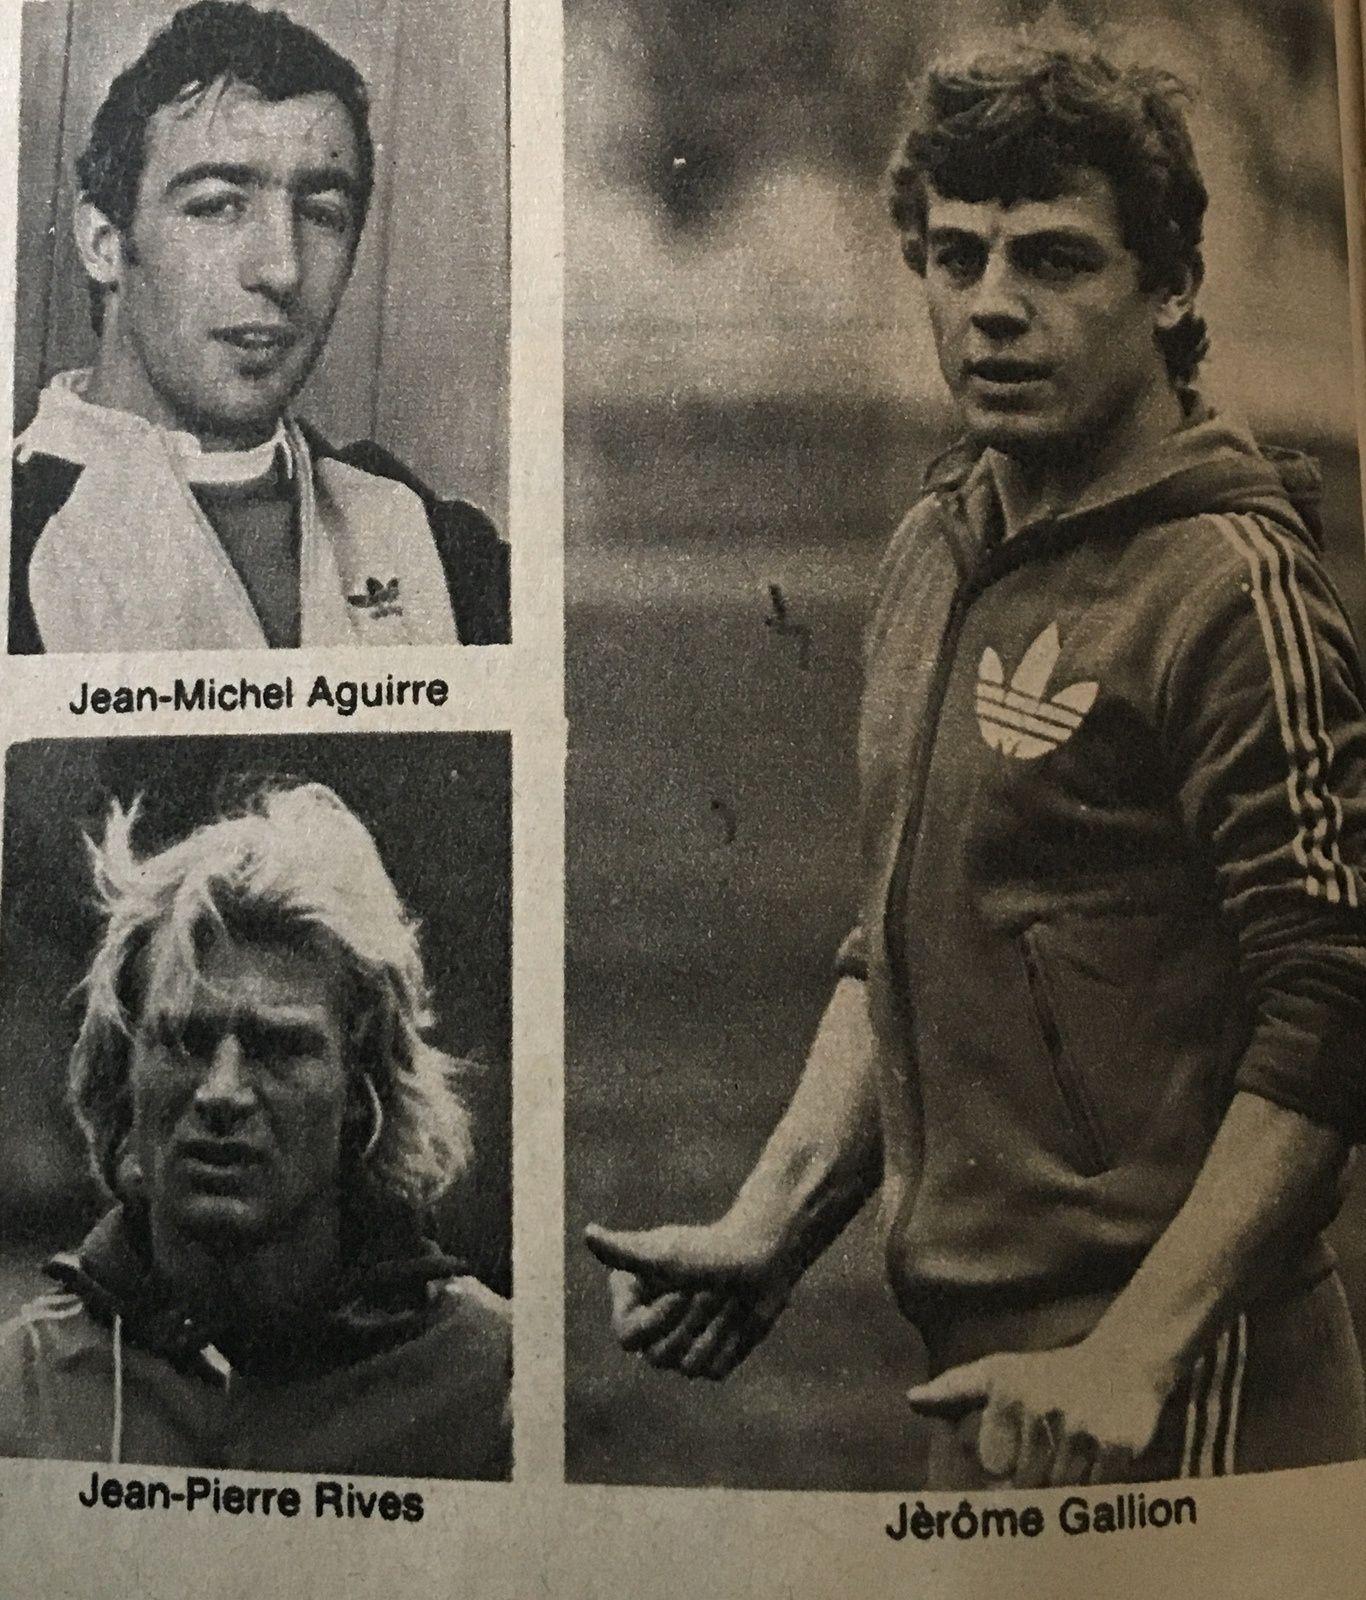 14 juillet 1979 : L'ESPRIT D'AUCKLAND